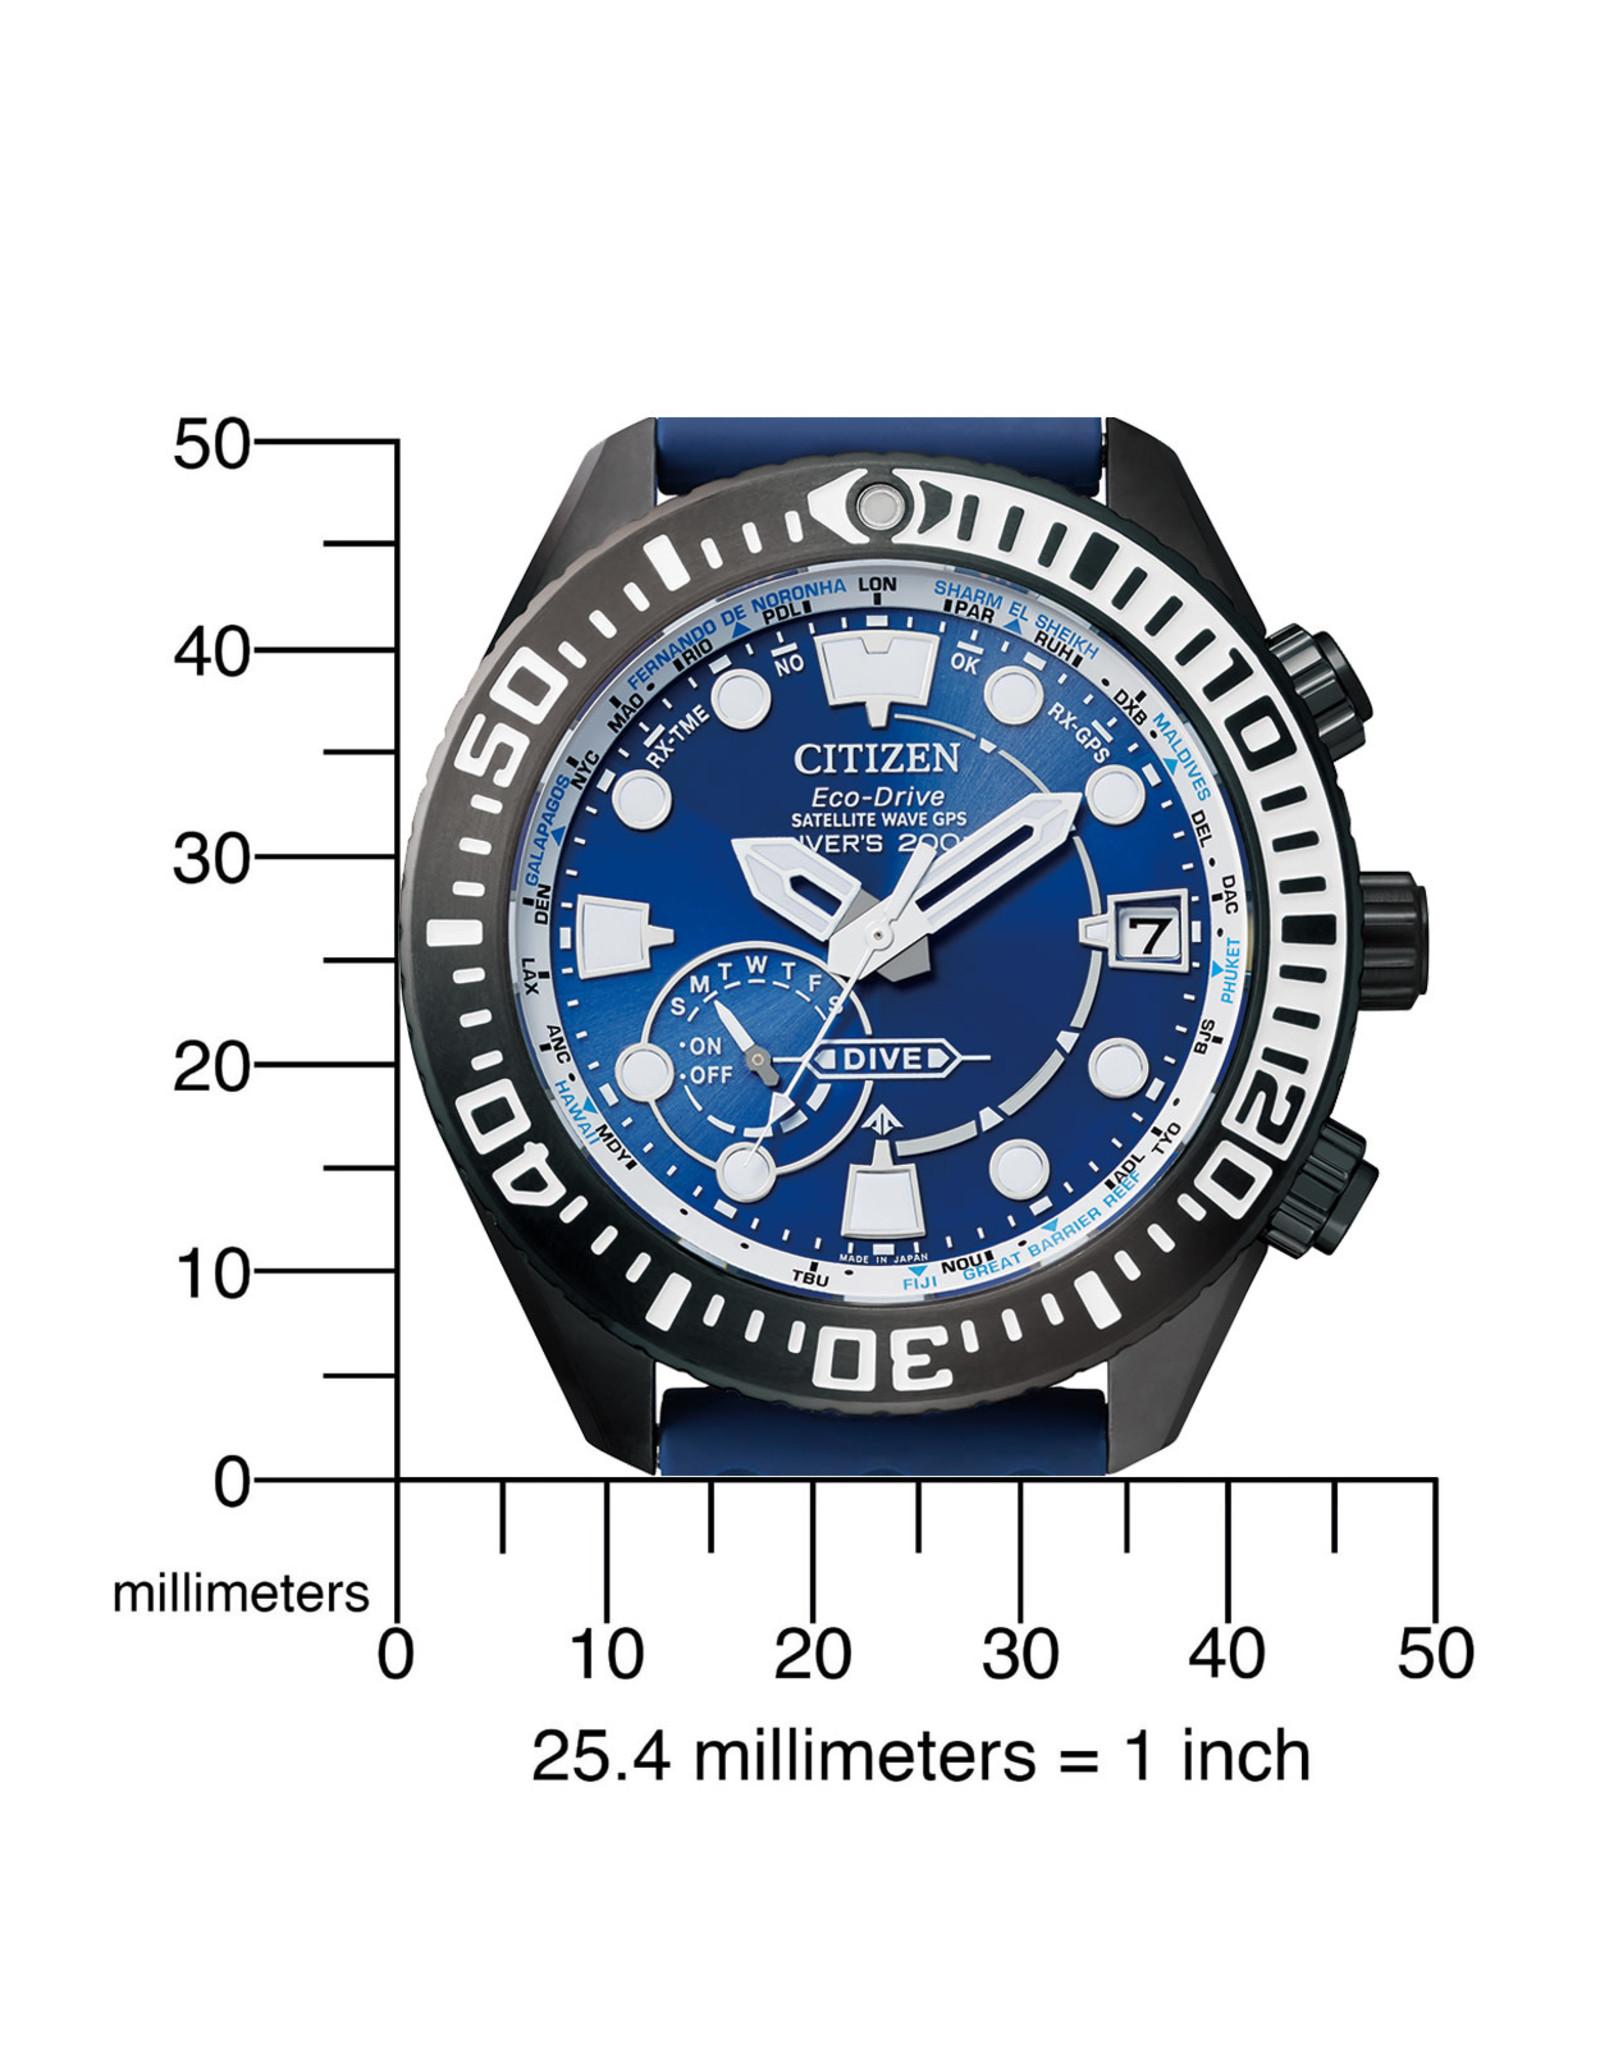 Citizen Citizen Satellite Wave GPS Diver's 200m CC5006-06L